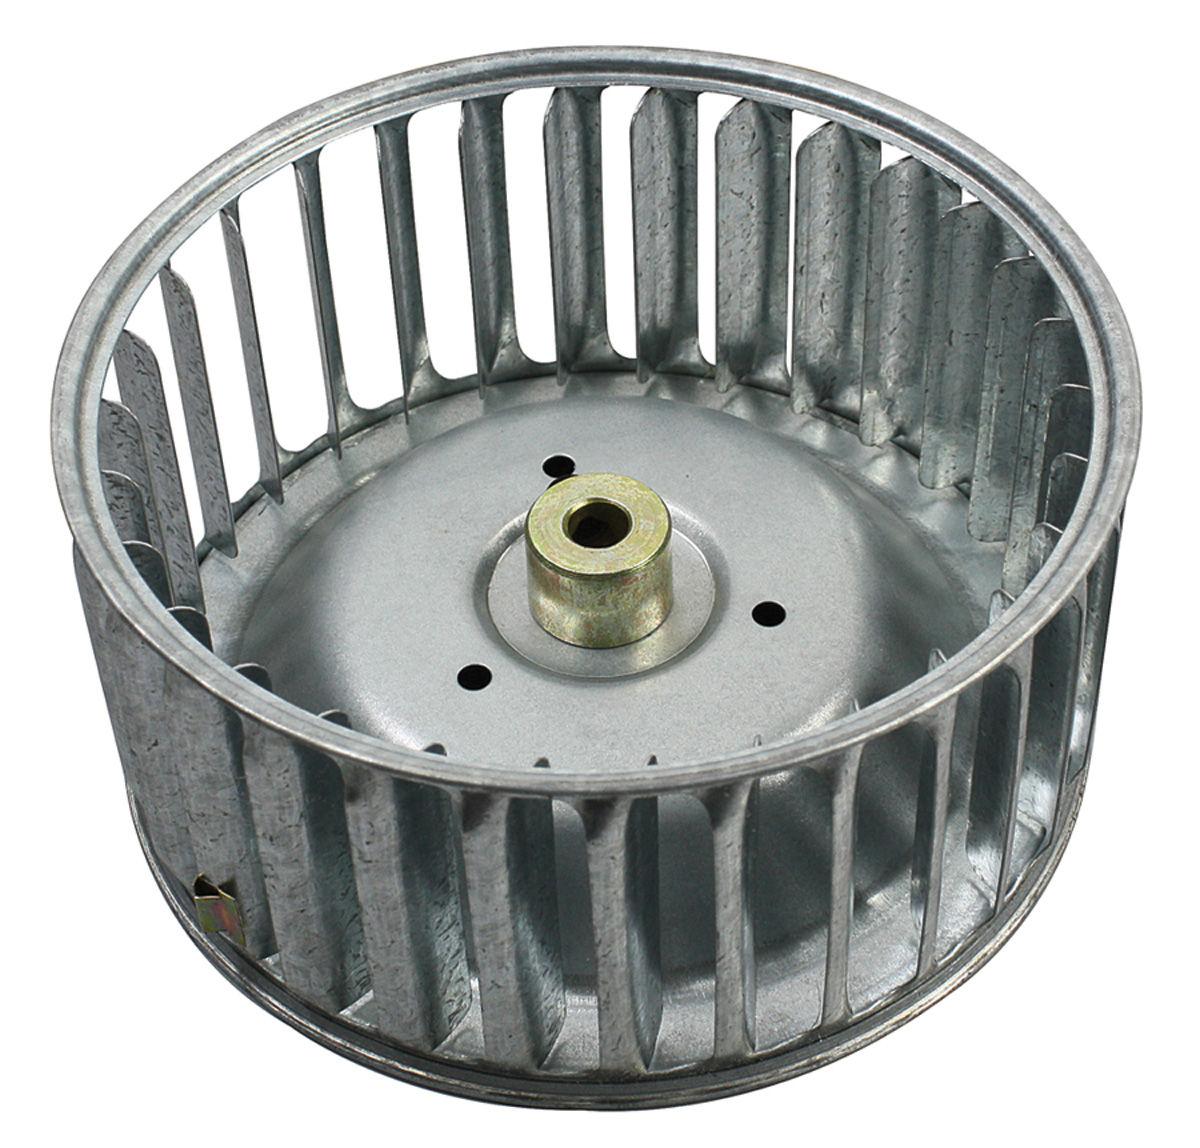 Blower motor fan for Fan motor for heater